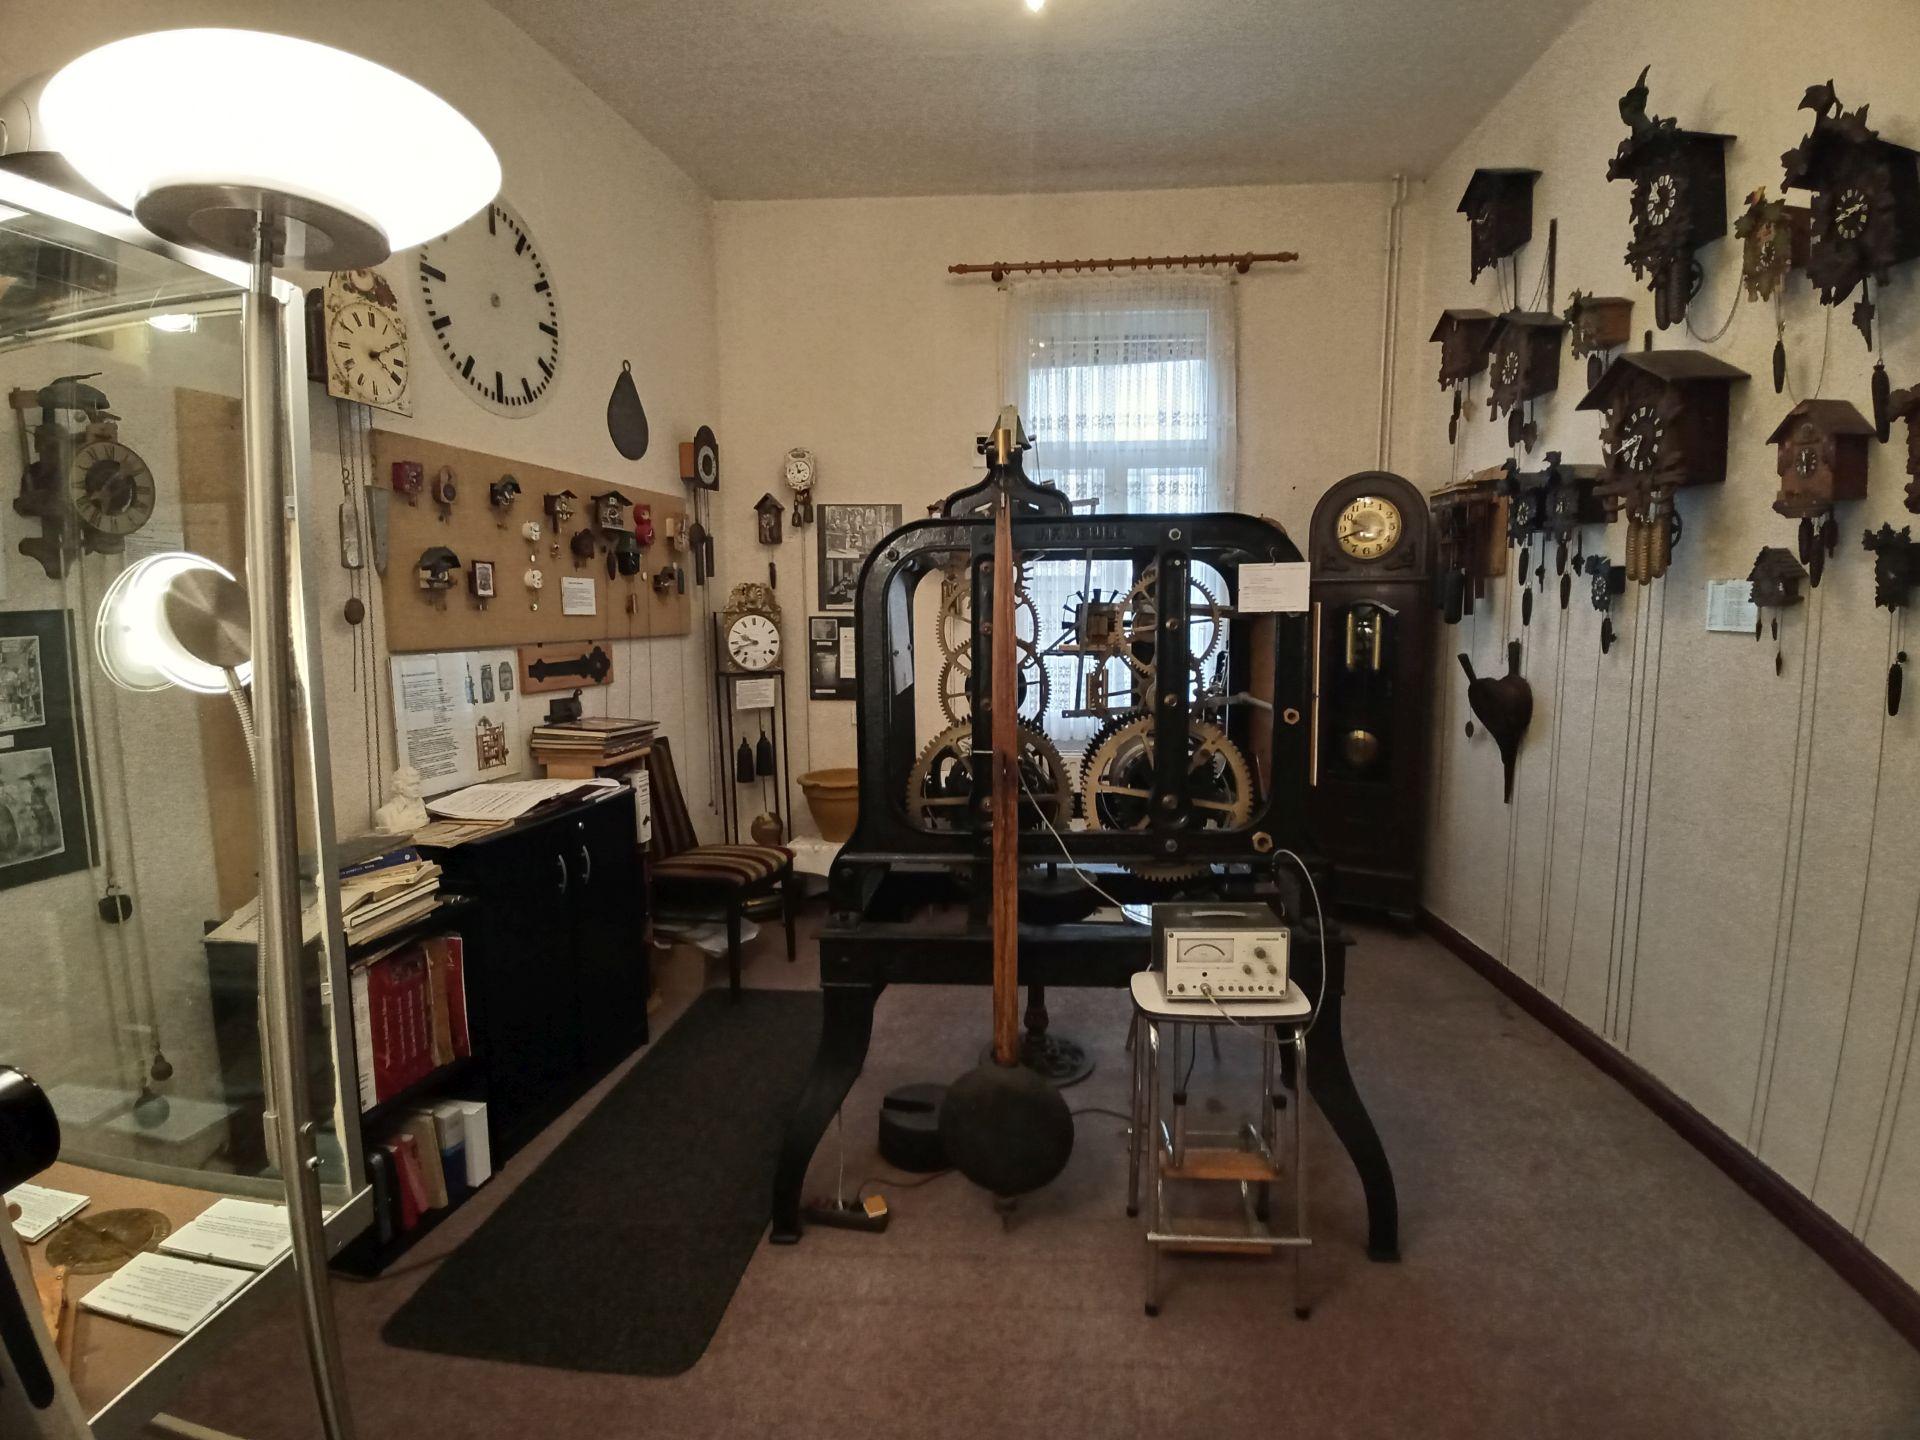 Raum 2 im Uhrenmuseum Treseburg